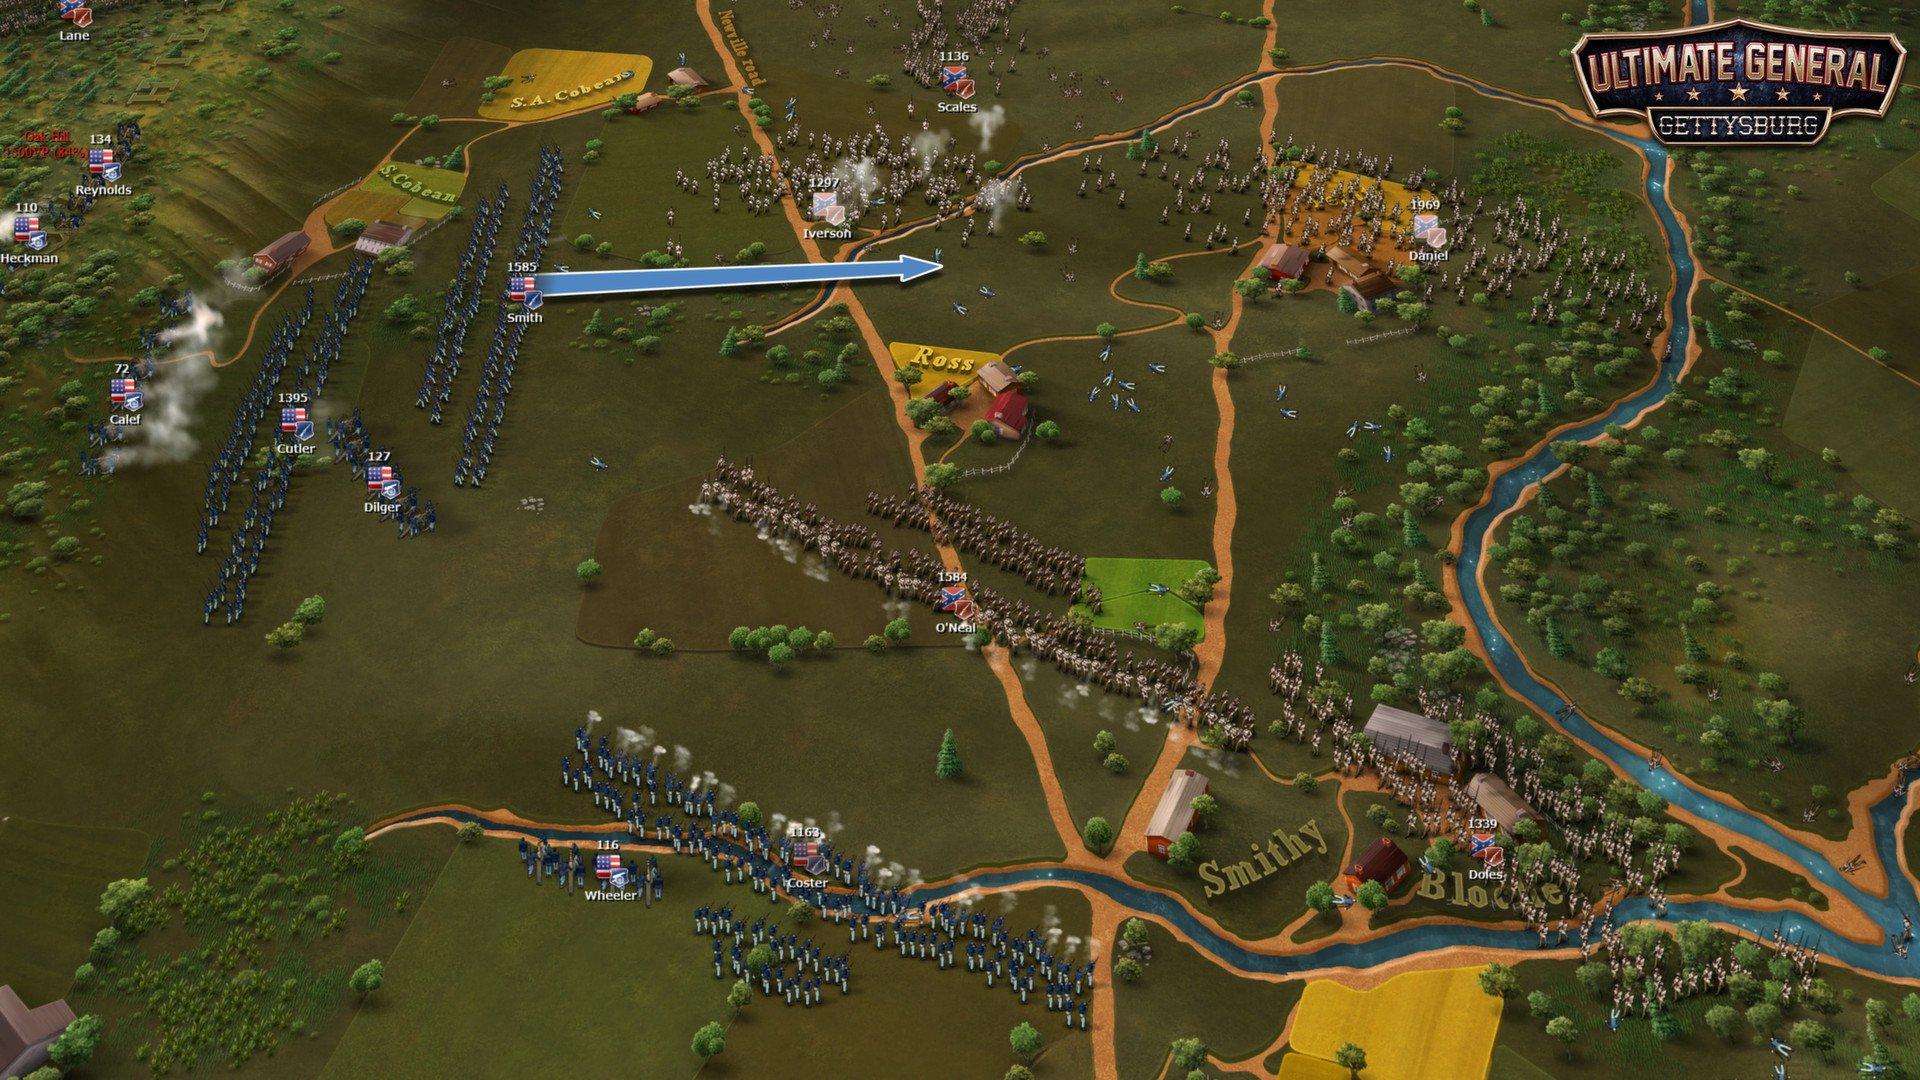 Ultimate General Gettysburg 17